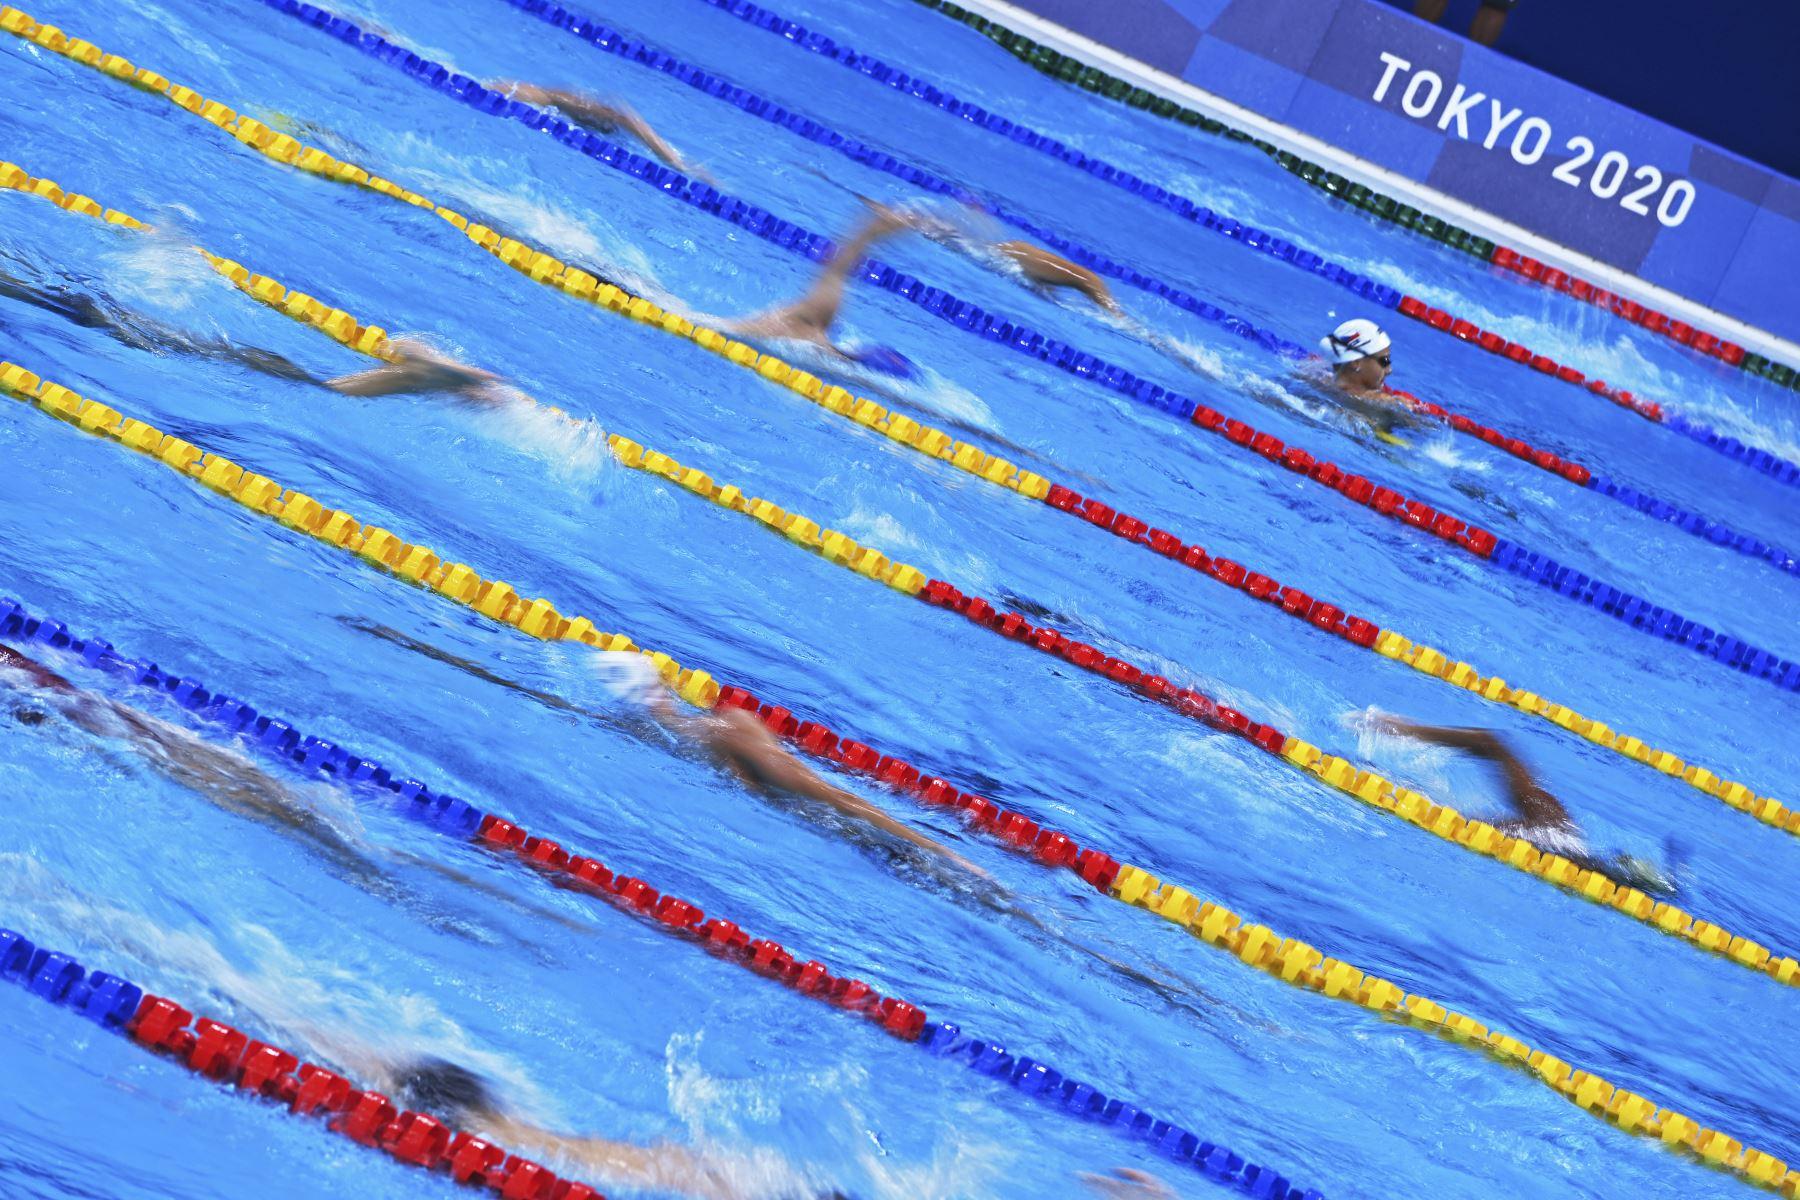 Los atletas participan en una sesión de entrenamiento de natación en el Centro Acuático de Tokio. Foto: AFP